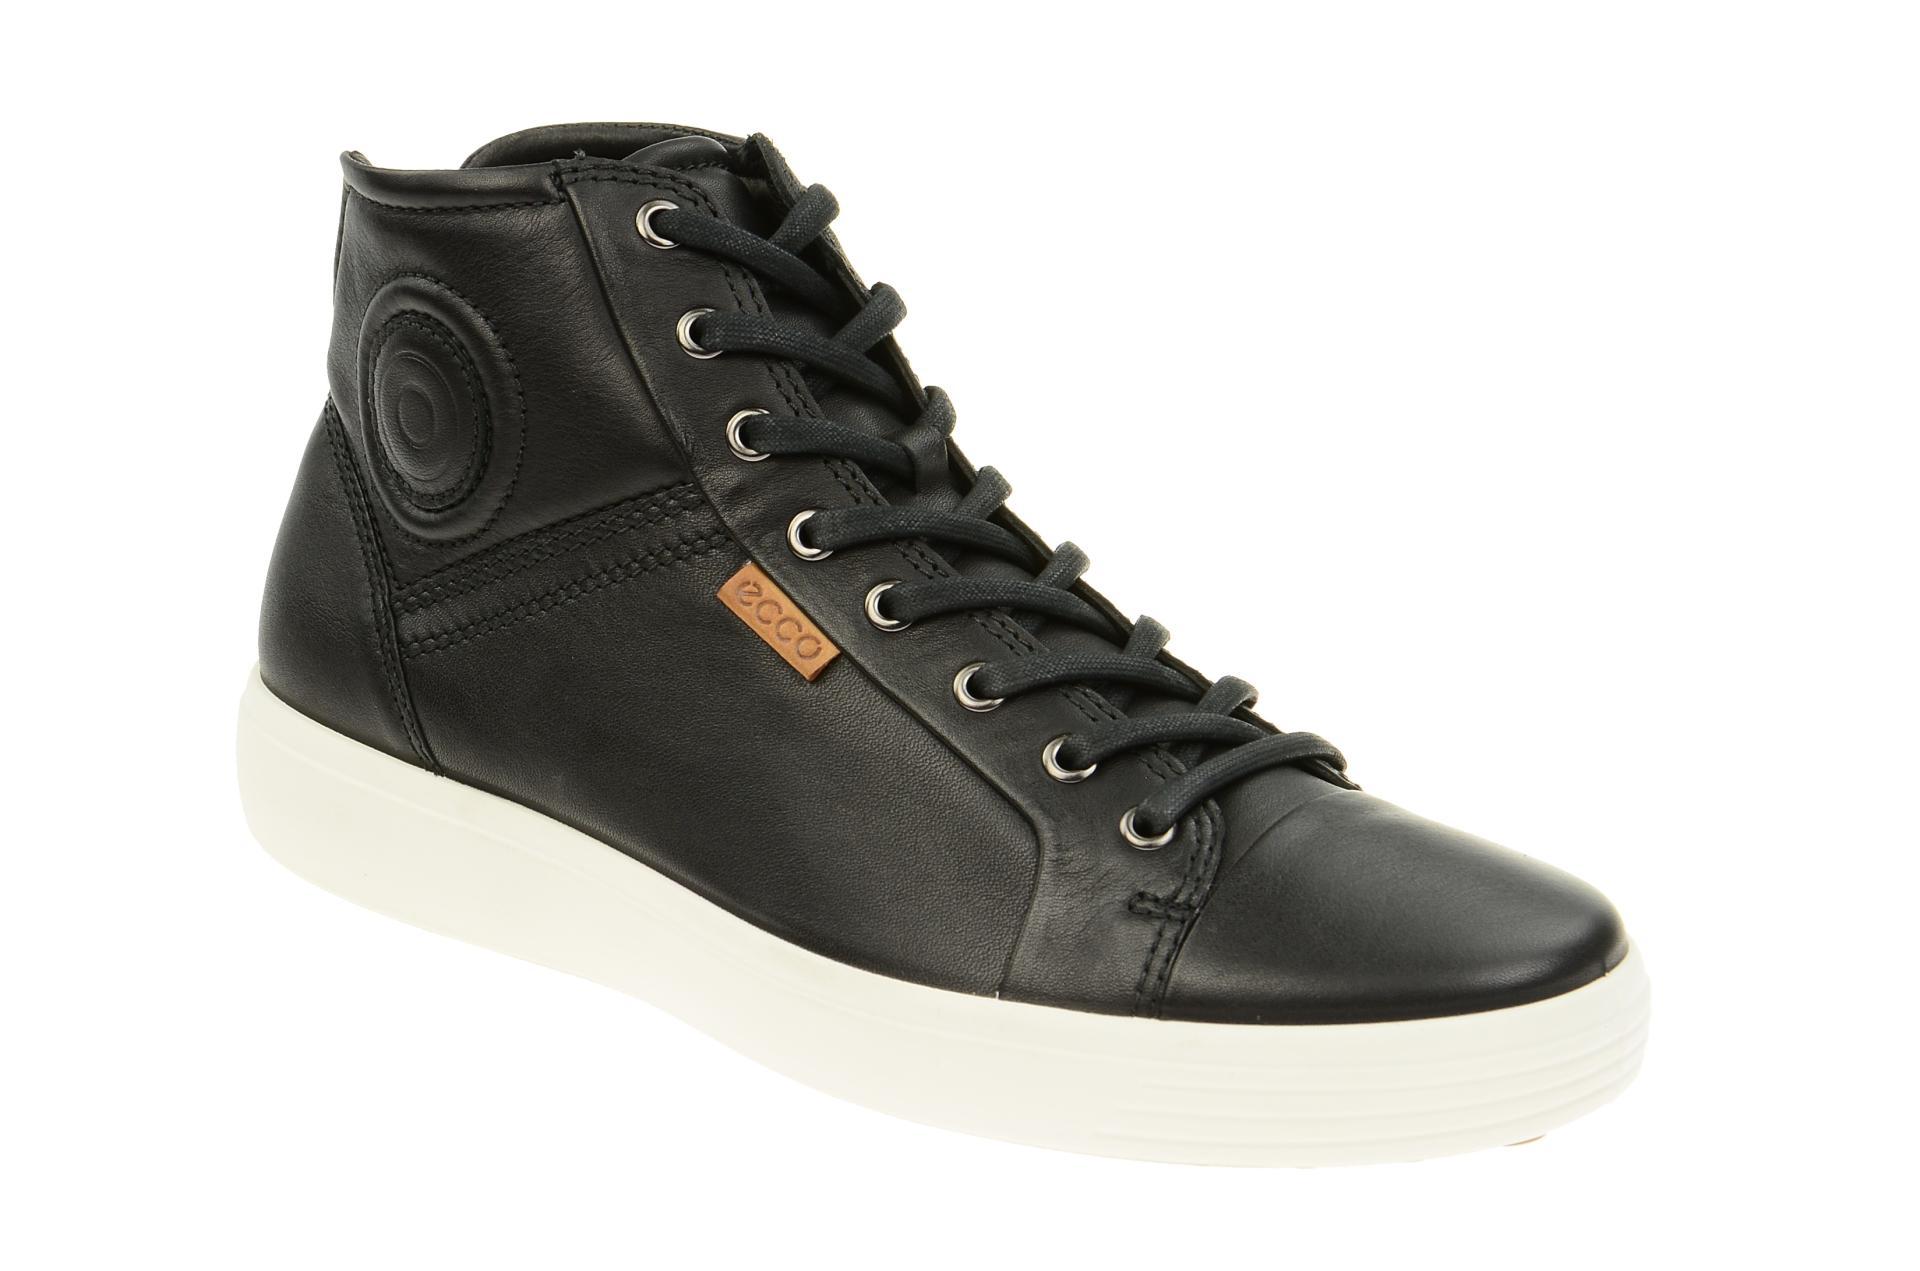 Ecco Schuhe SOFT 7 LADIES schwarz Damen Stiefeletten